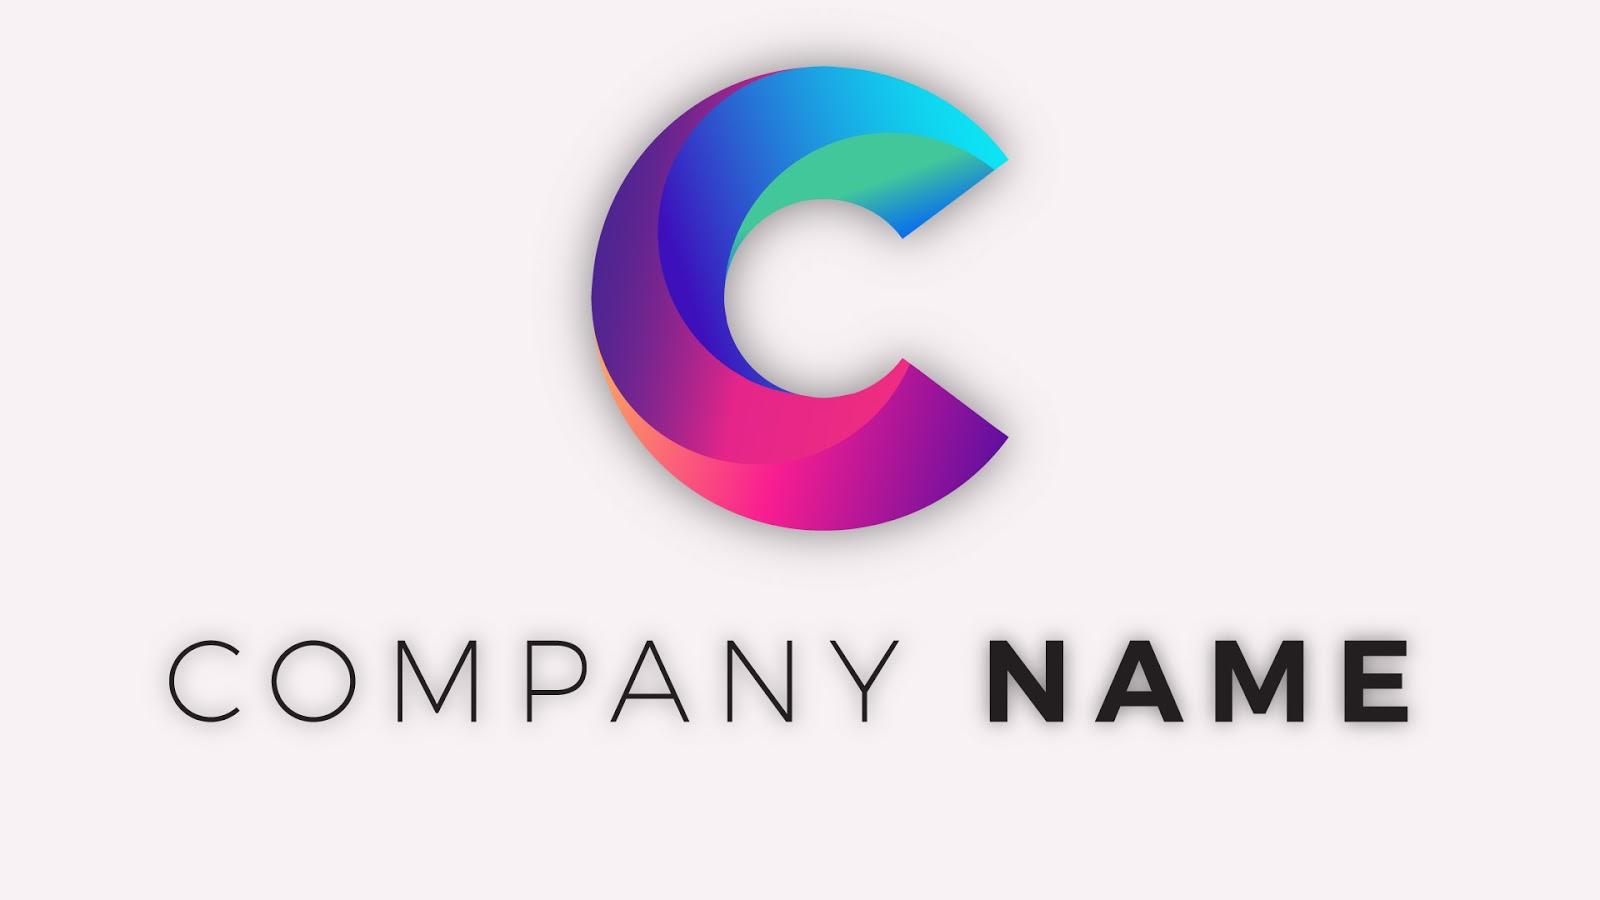 adobe illustrator logo idea for letter c